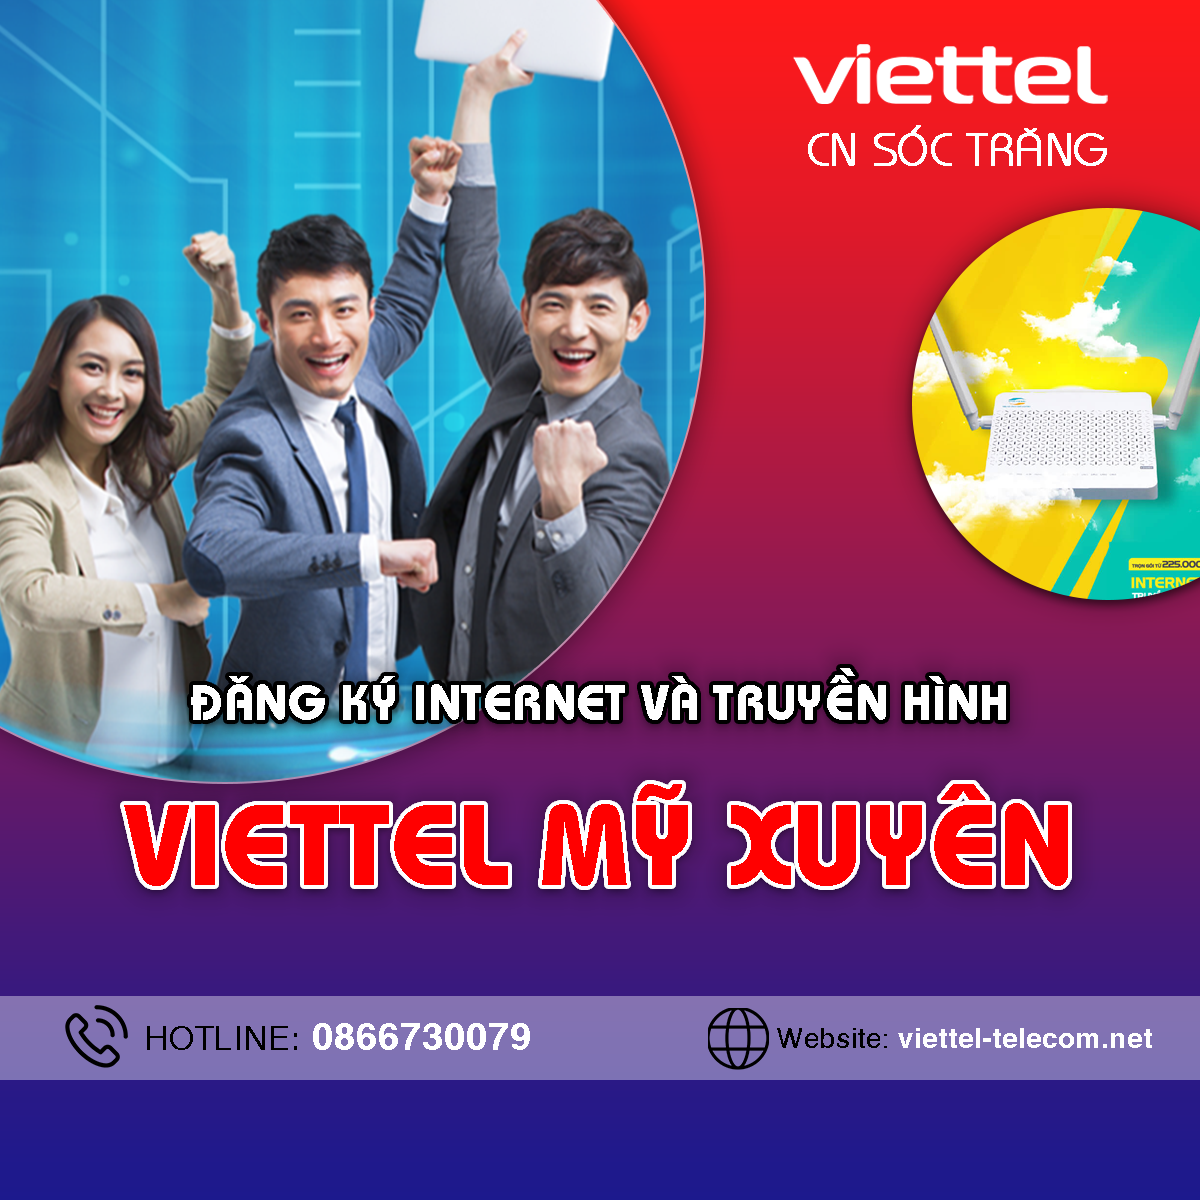 Cửa hàng Viettel huyện Mỹ Xuyên